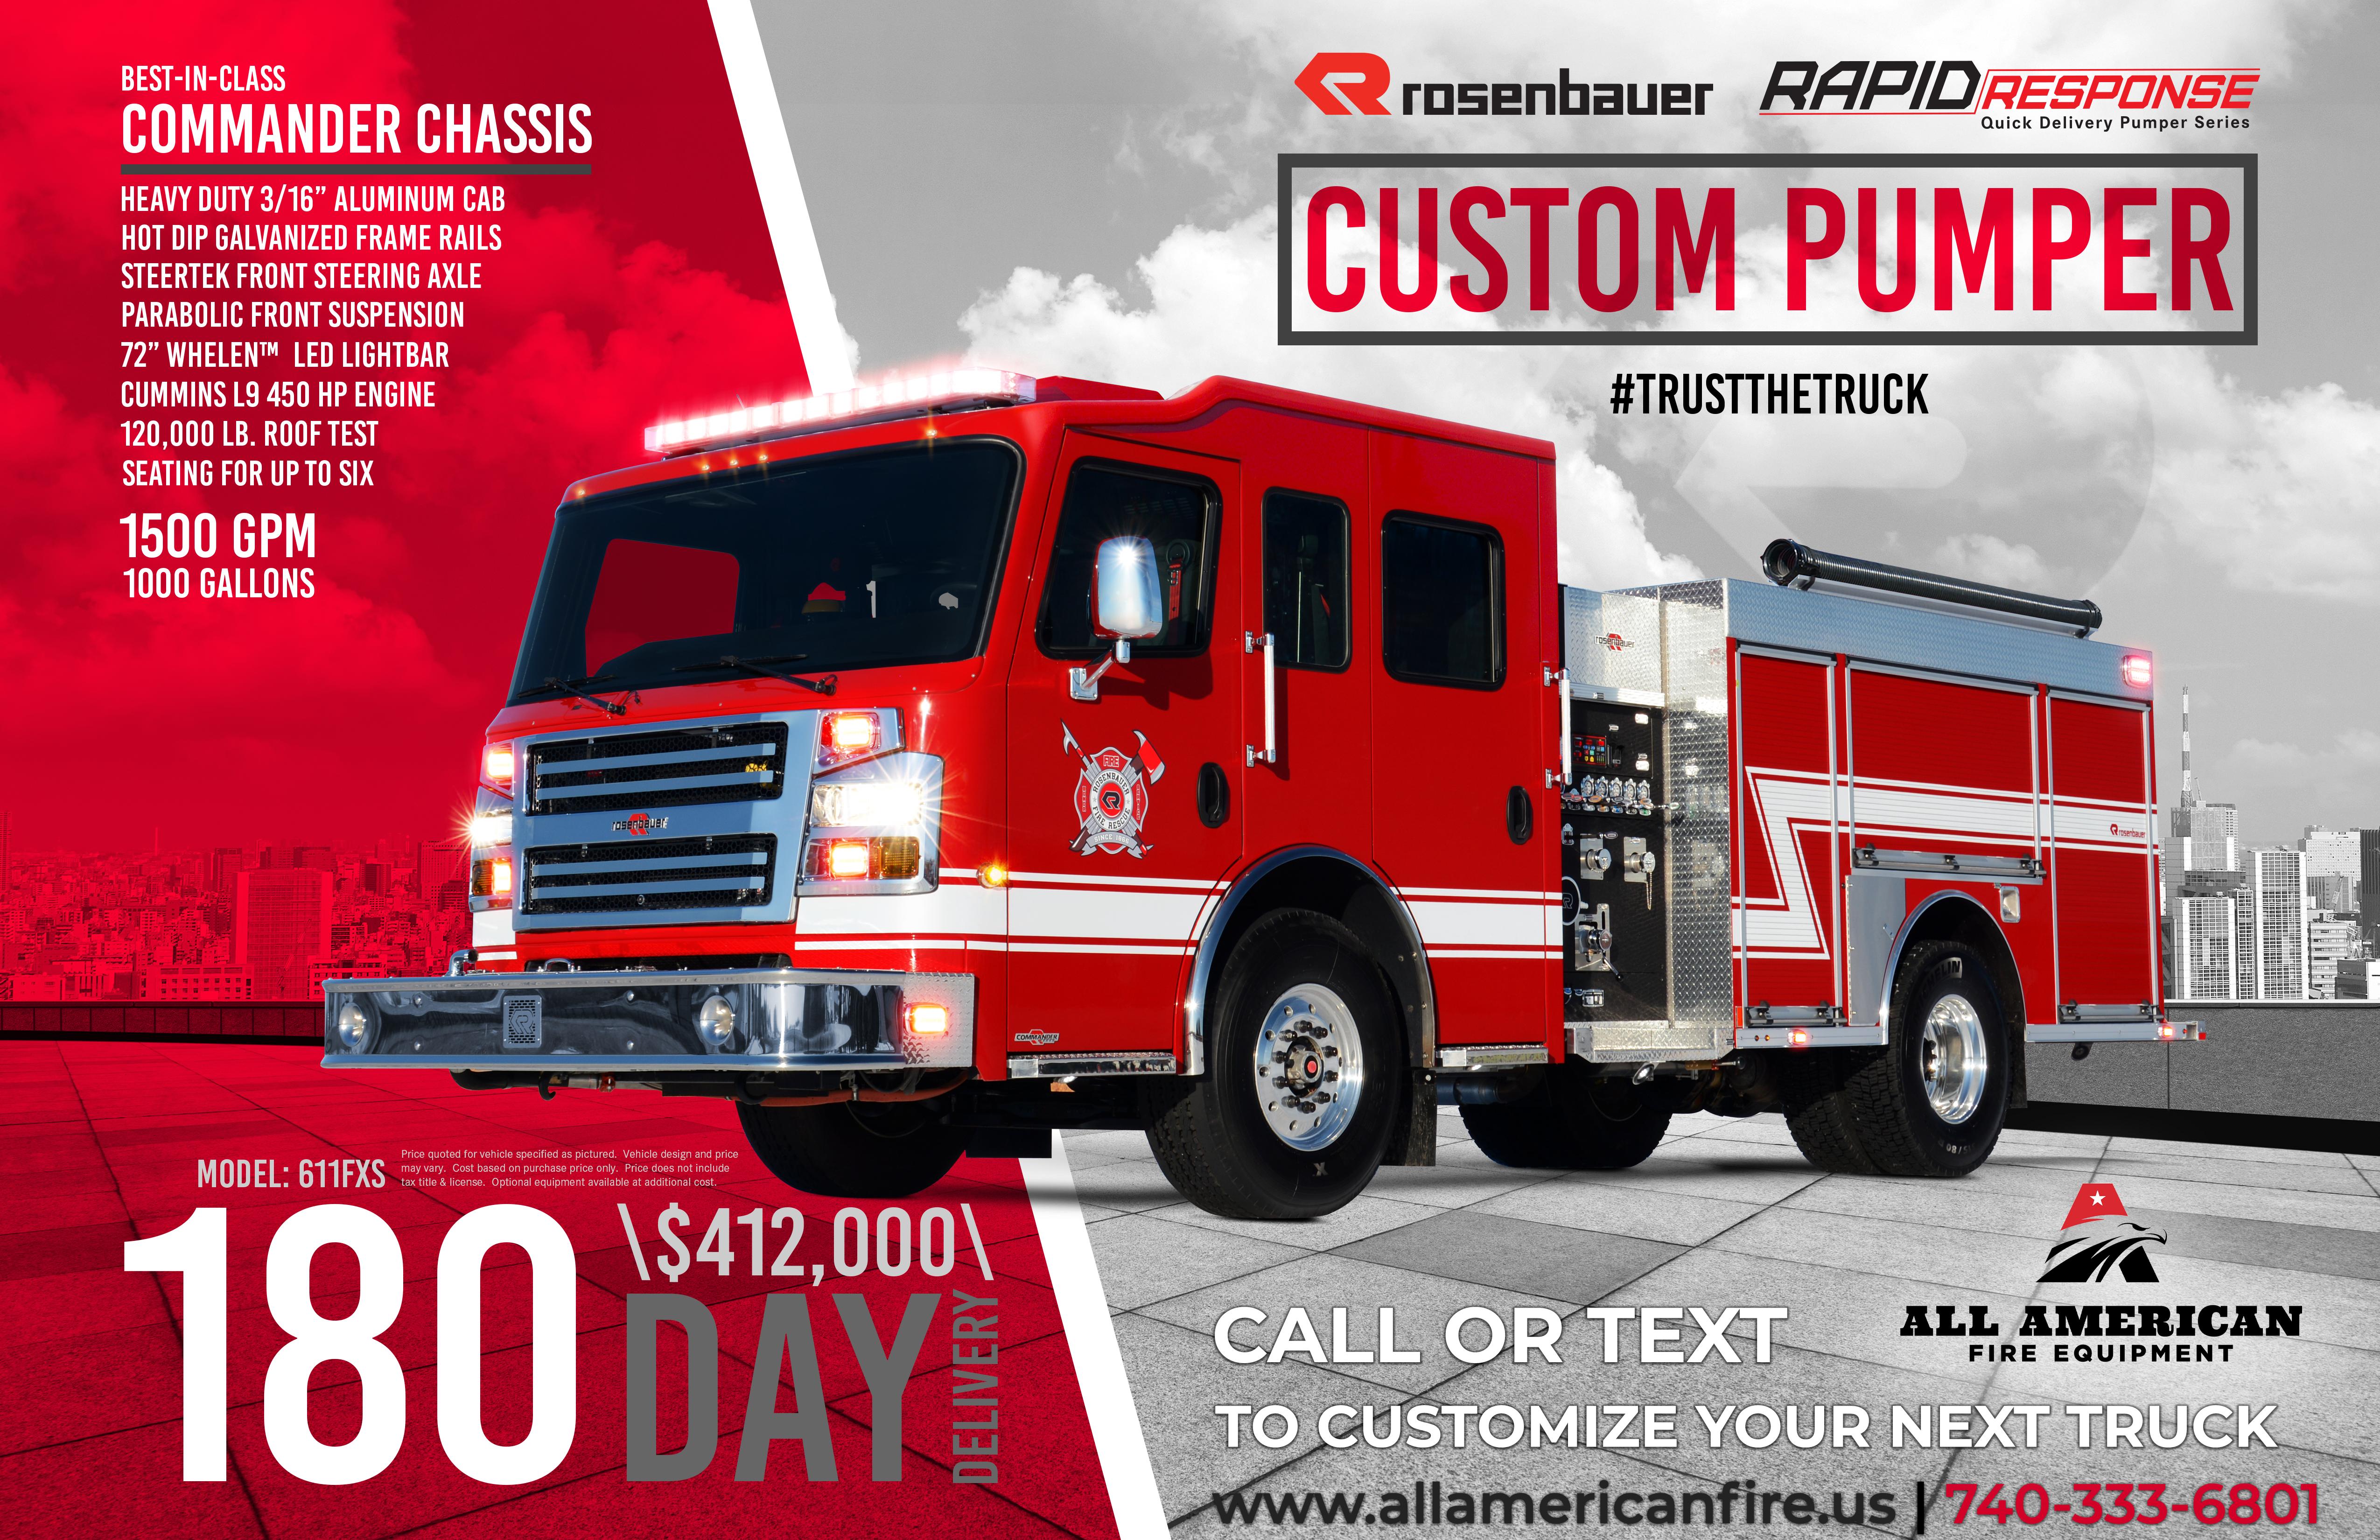 Rosenbauer - Rapid Response, Pumper